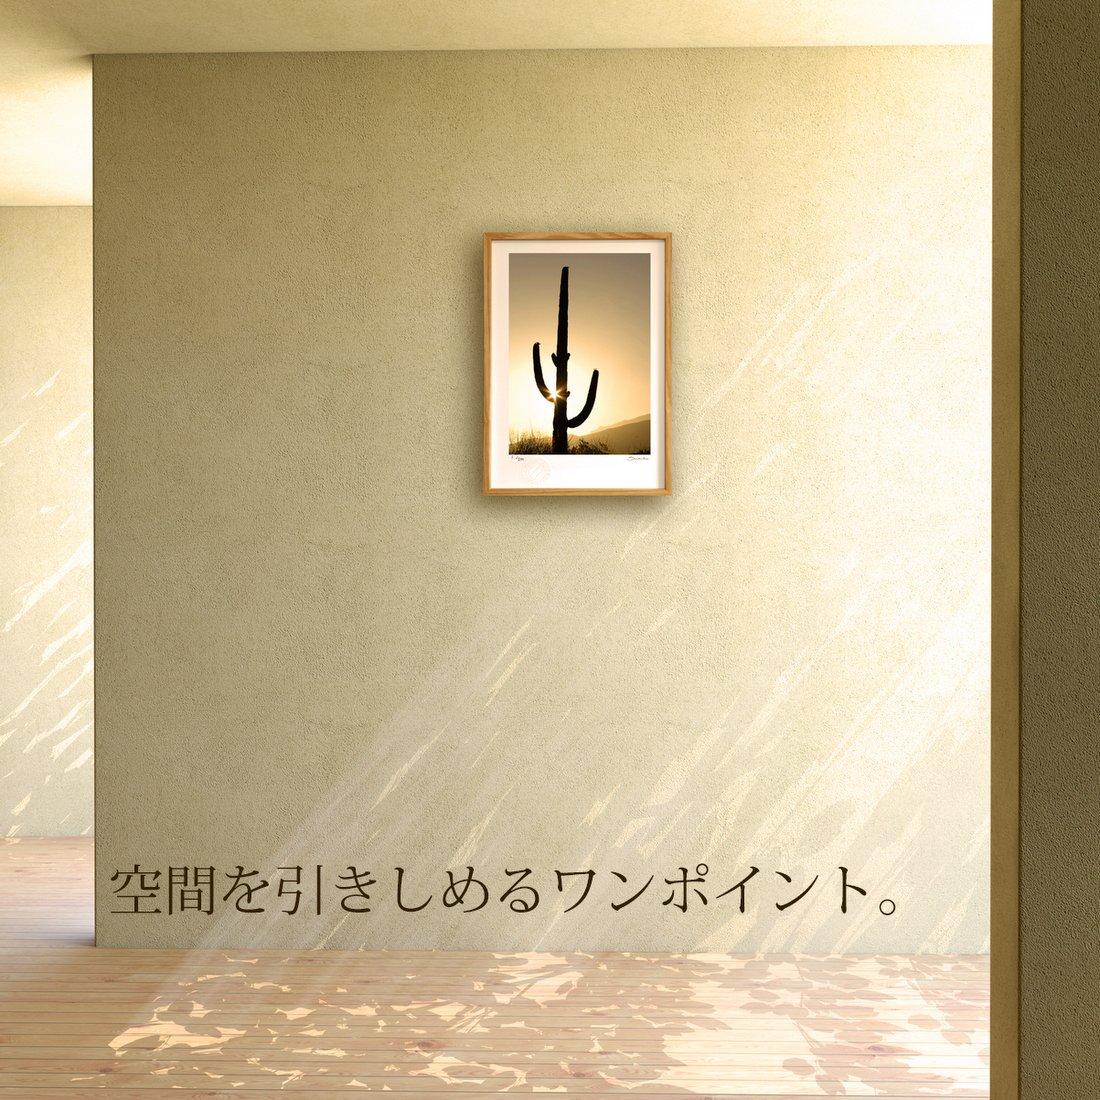 【版画 絵画】パームツリー レトロスタイル1(スミコ スコット)/インテリア 壁掛け 額入り アート アートパネル アートフレーム